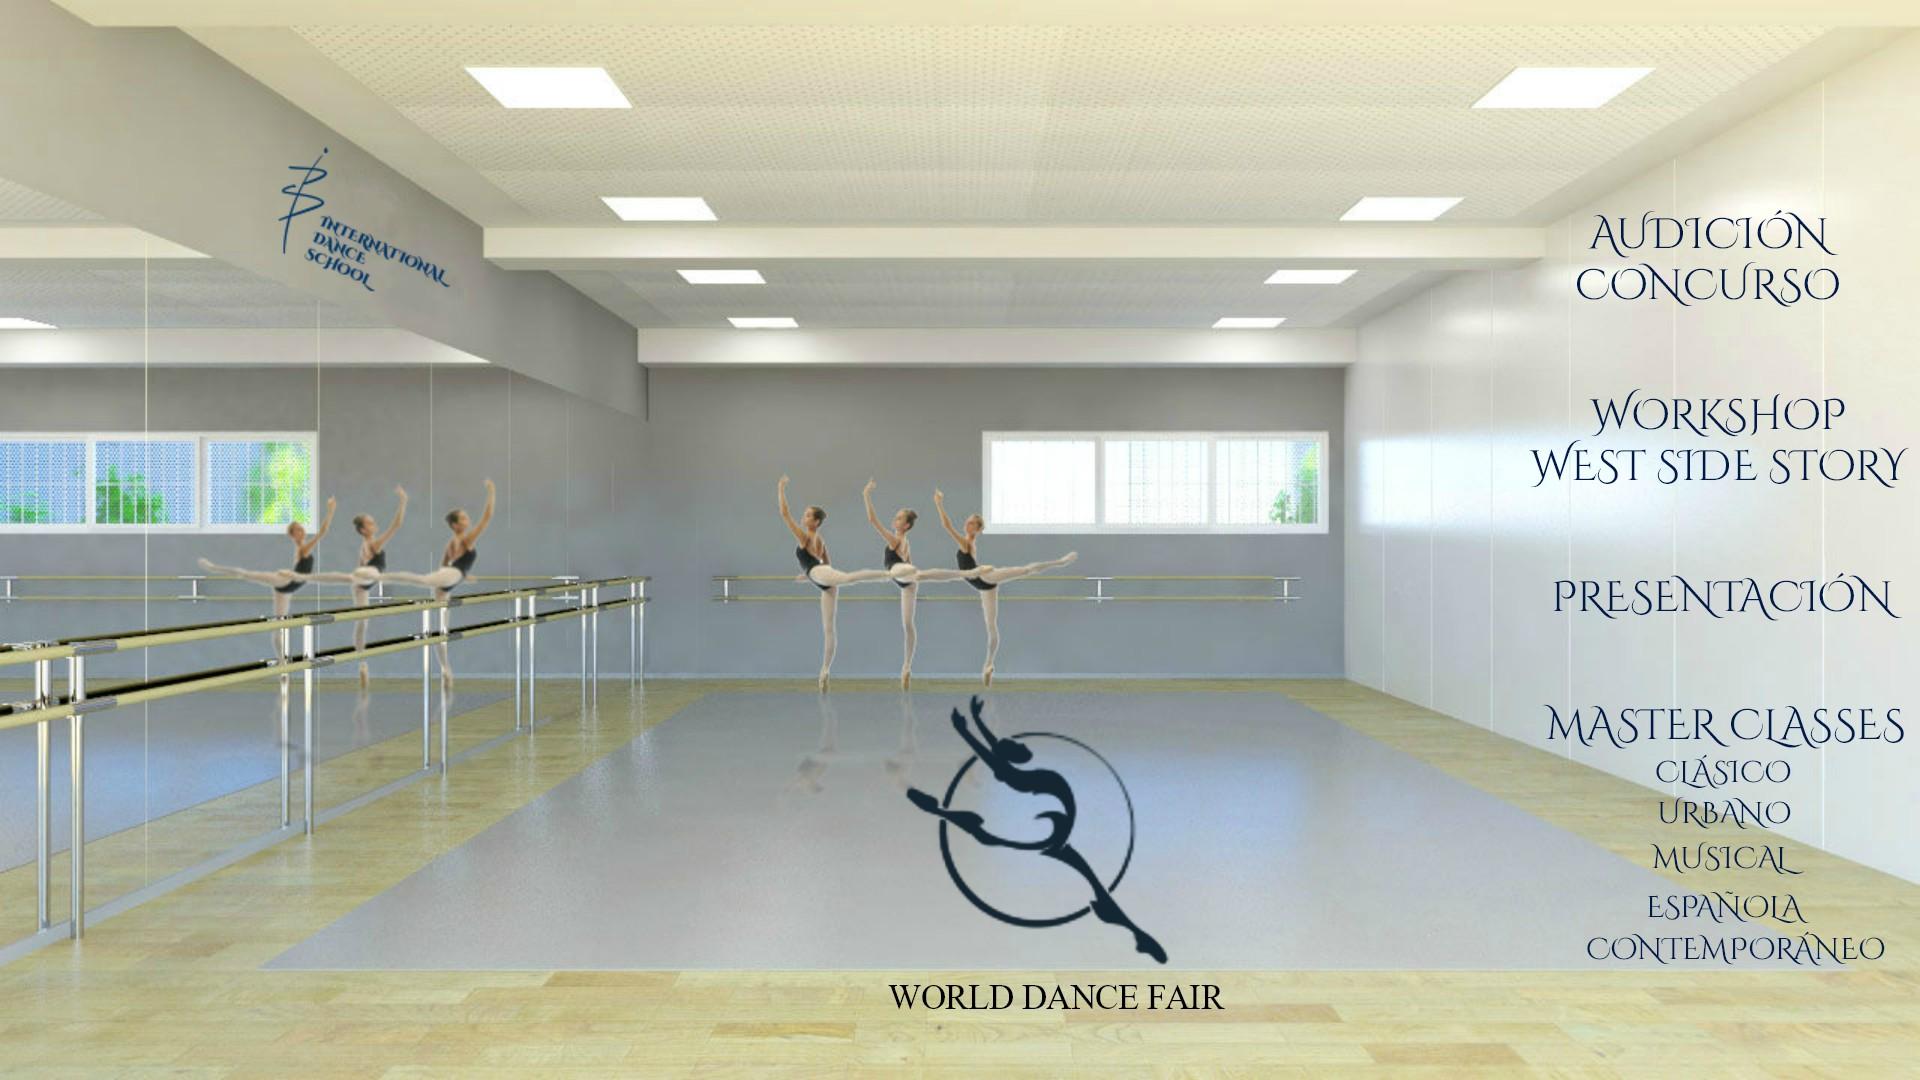 world dance fair 2018 danza baile urban clásica española contemporánea musical international dance school alicante escuela